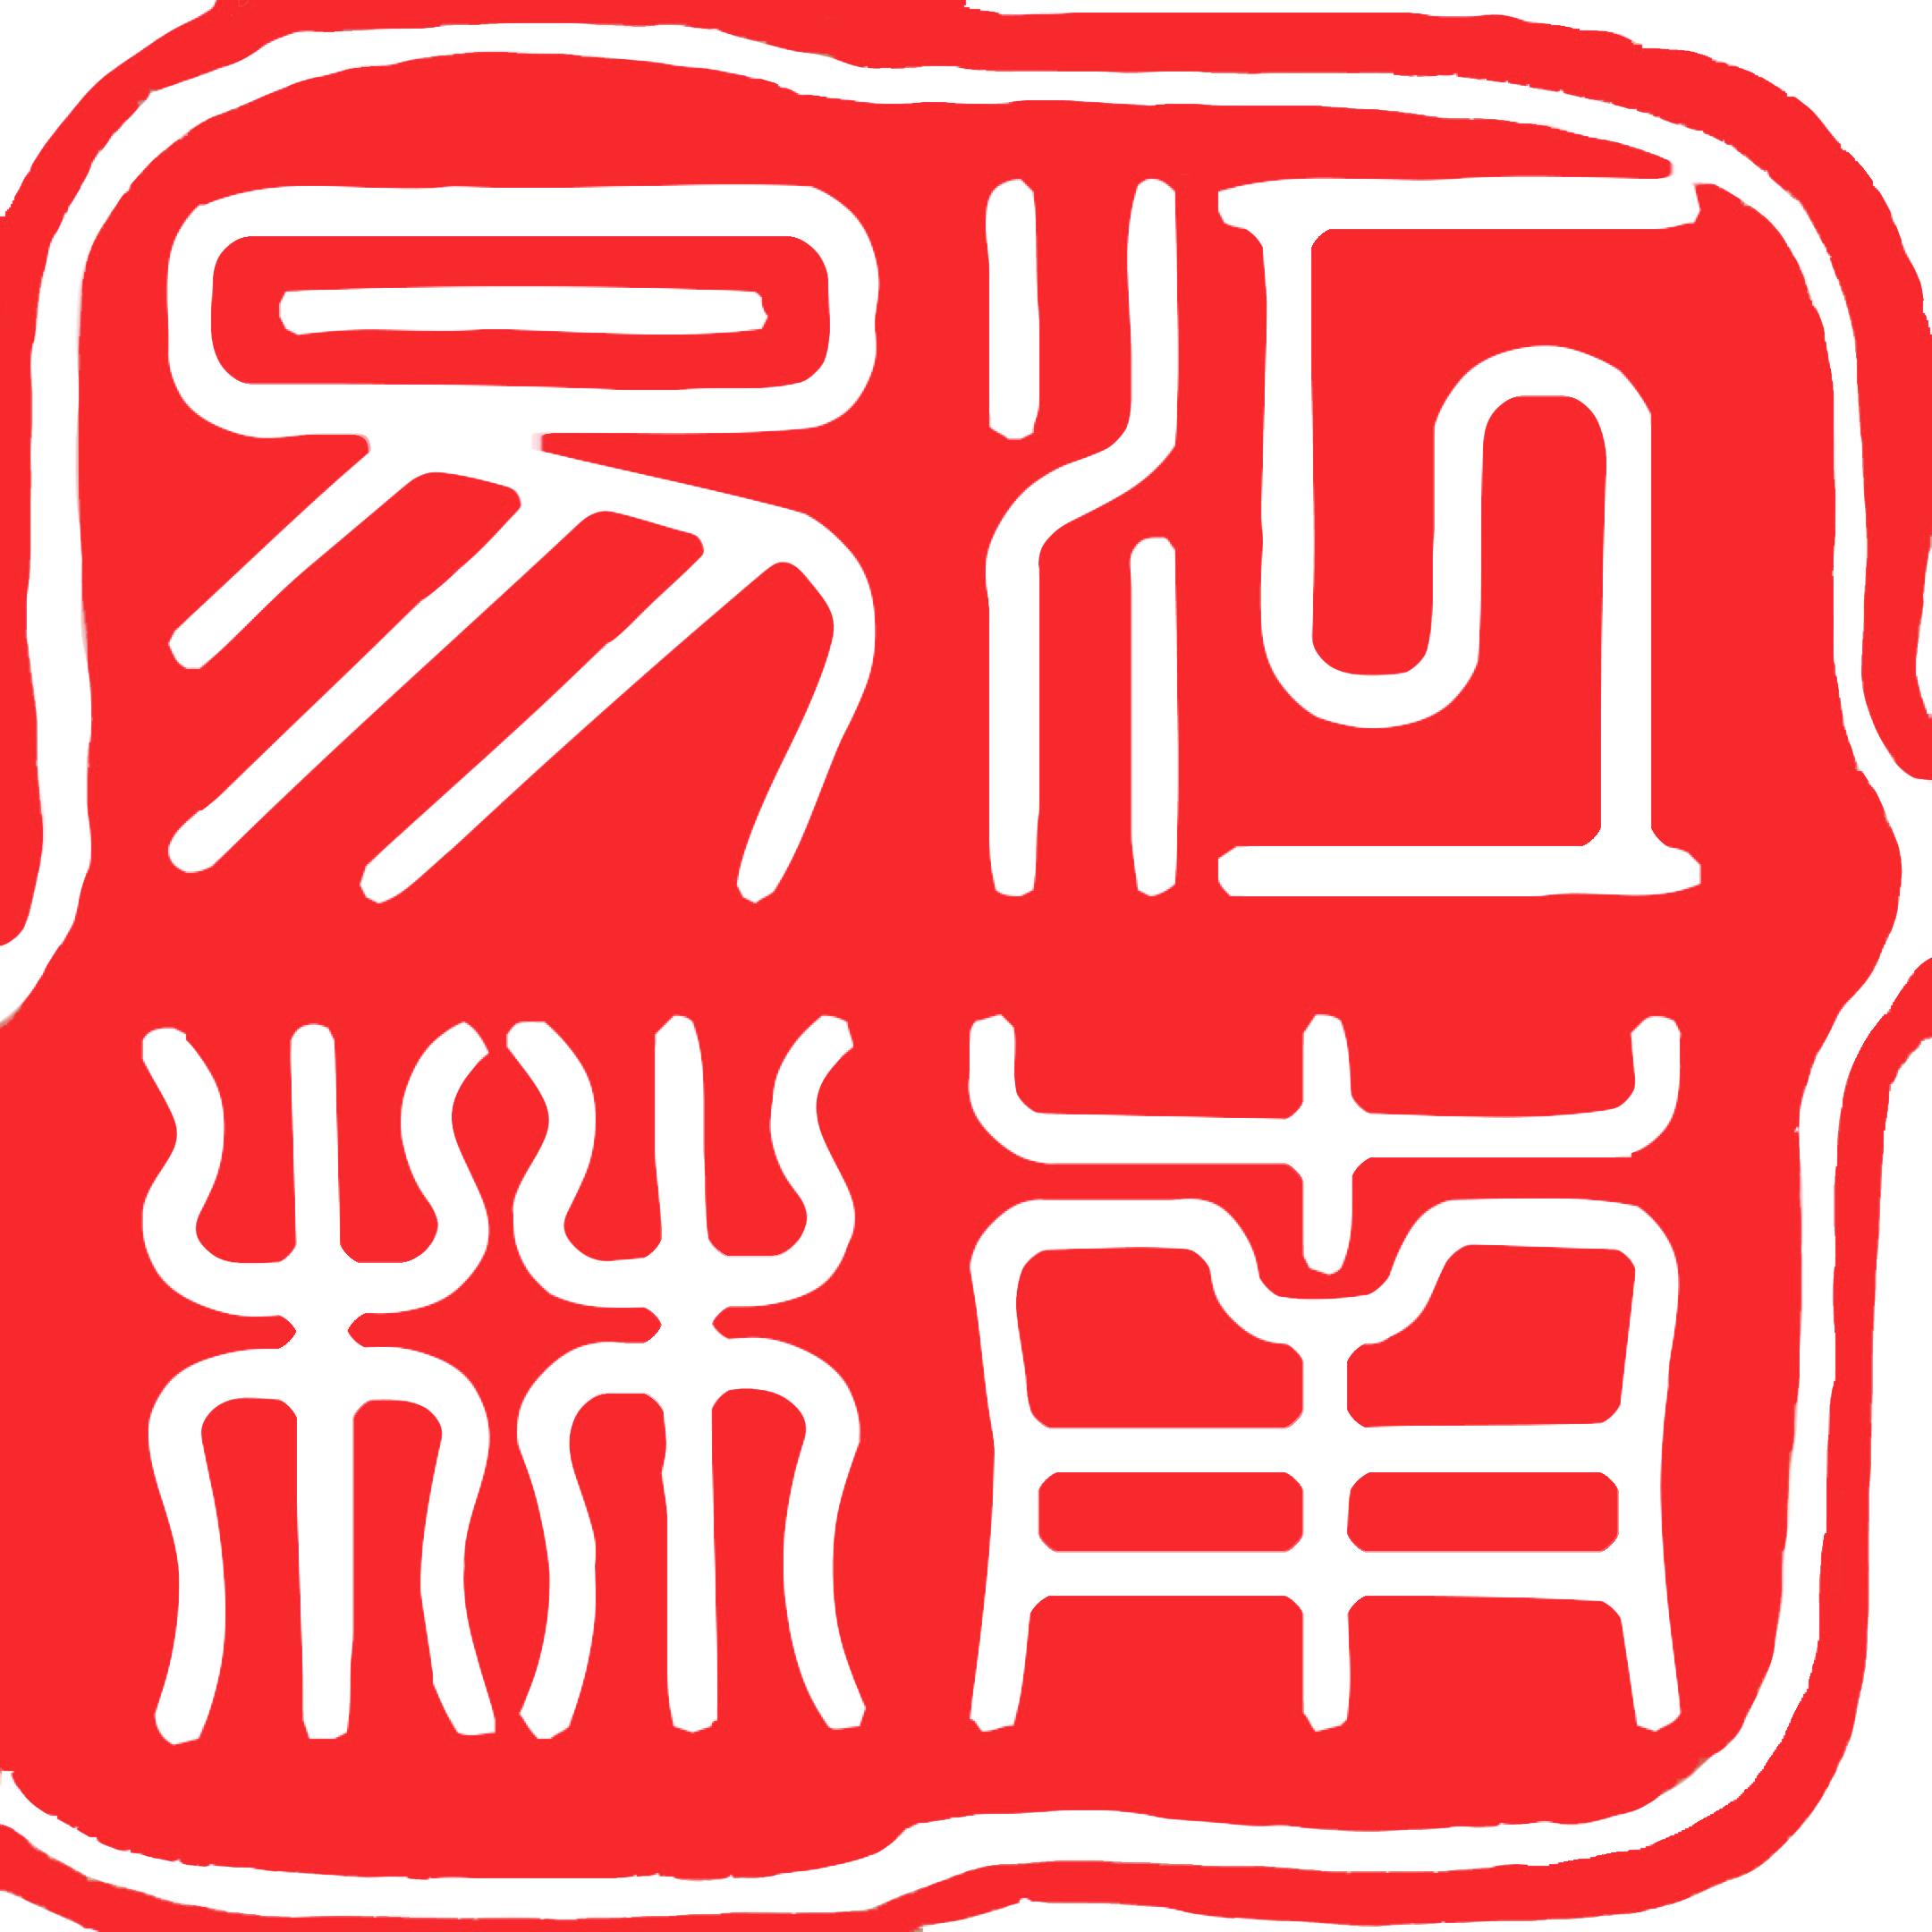 江南易林周易研究中心